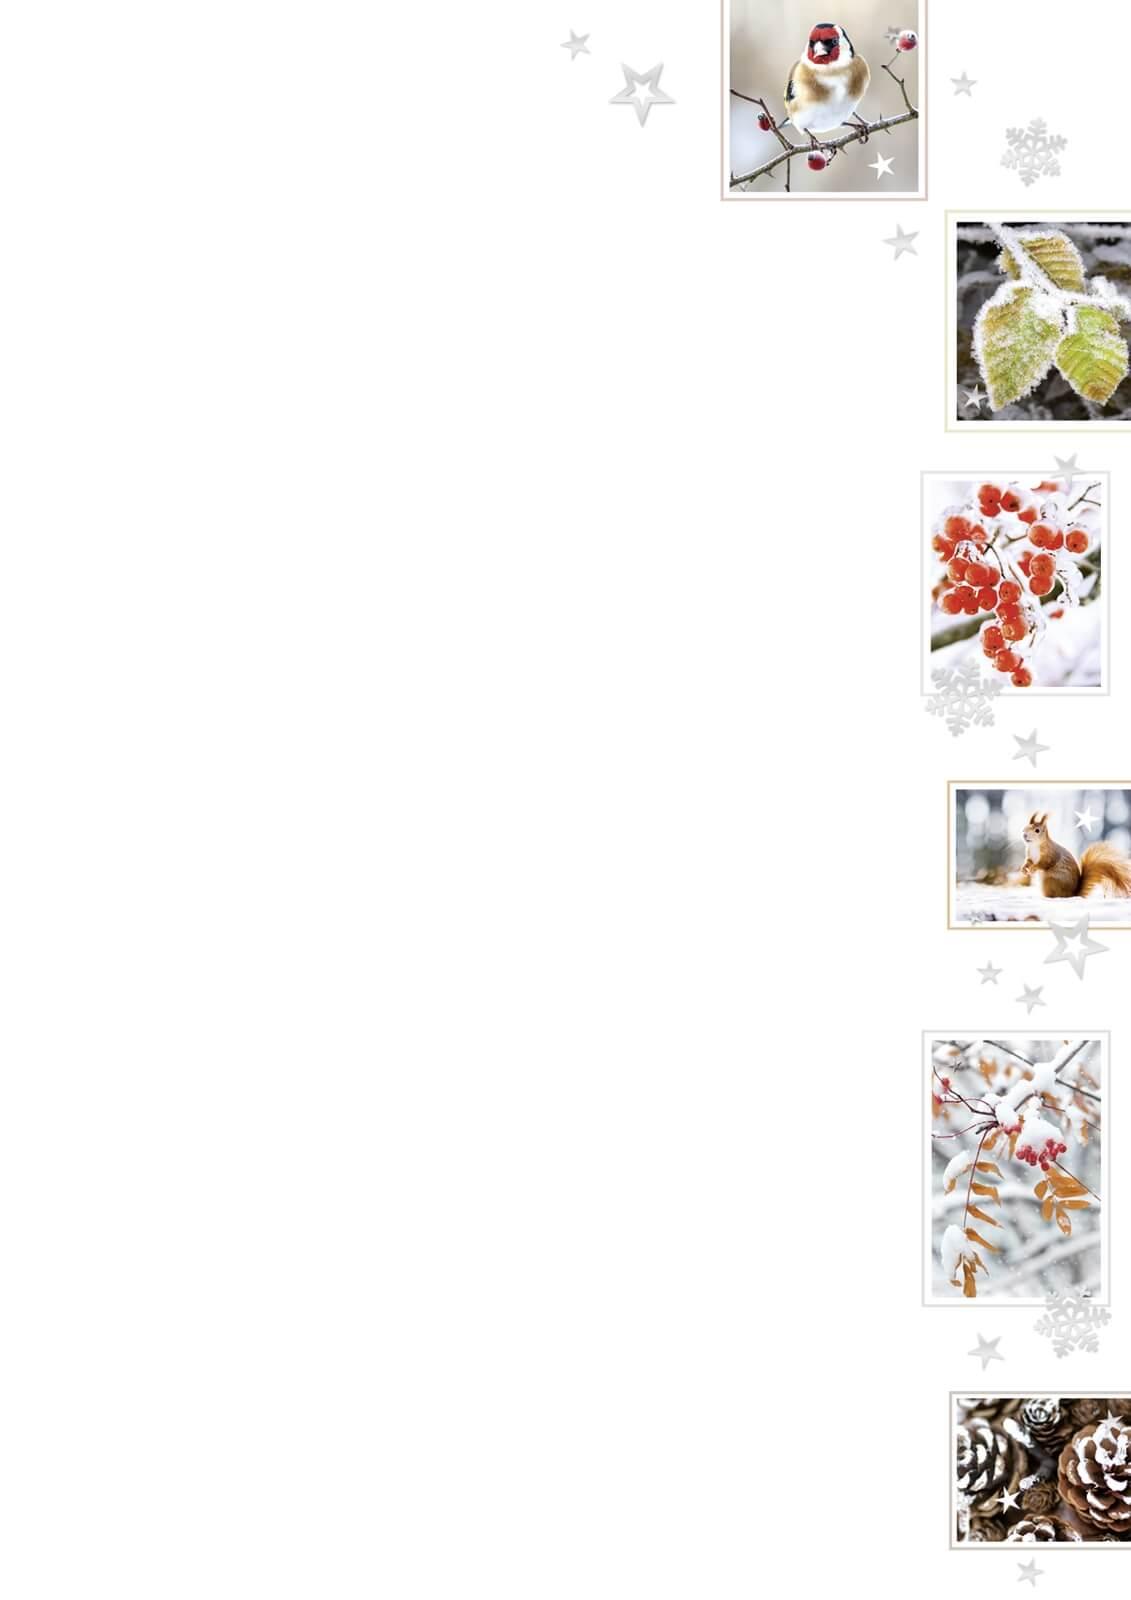 Weihnachtsbrief Avantgarde 1319210